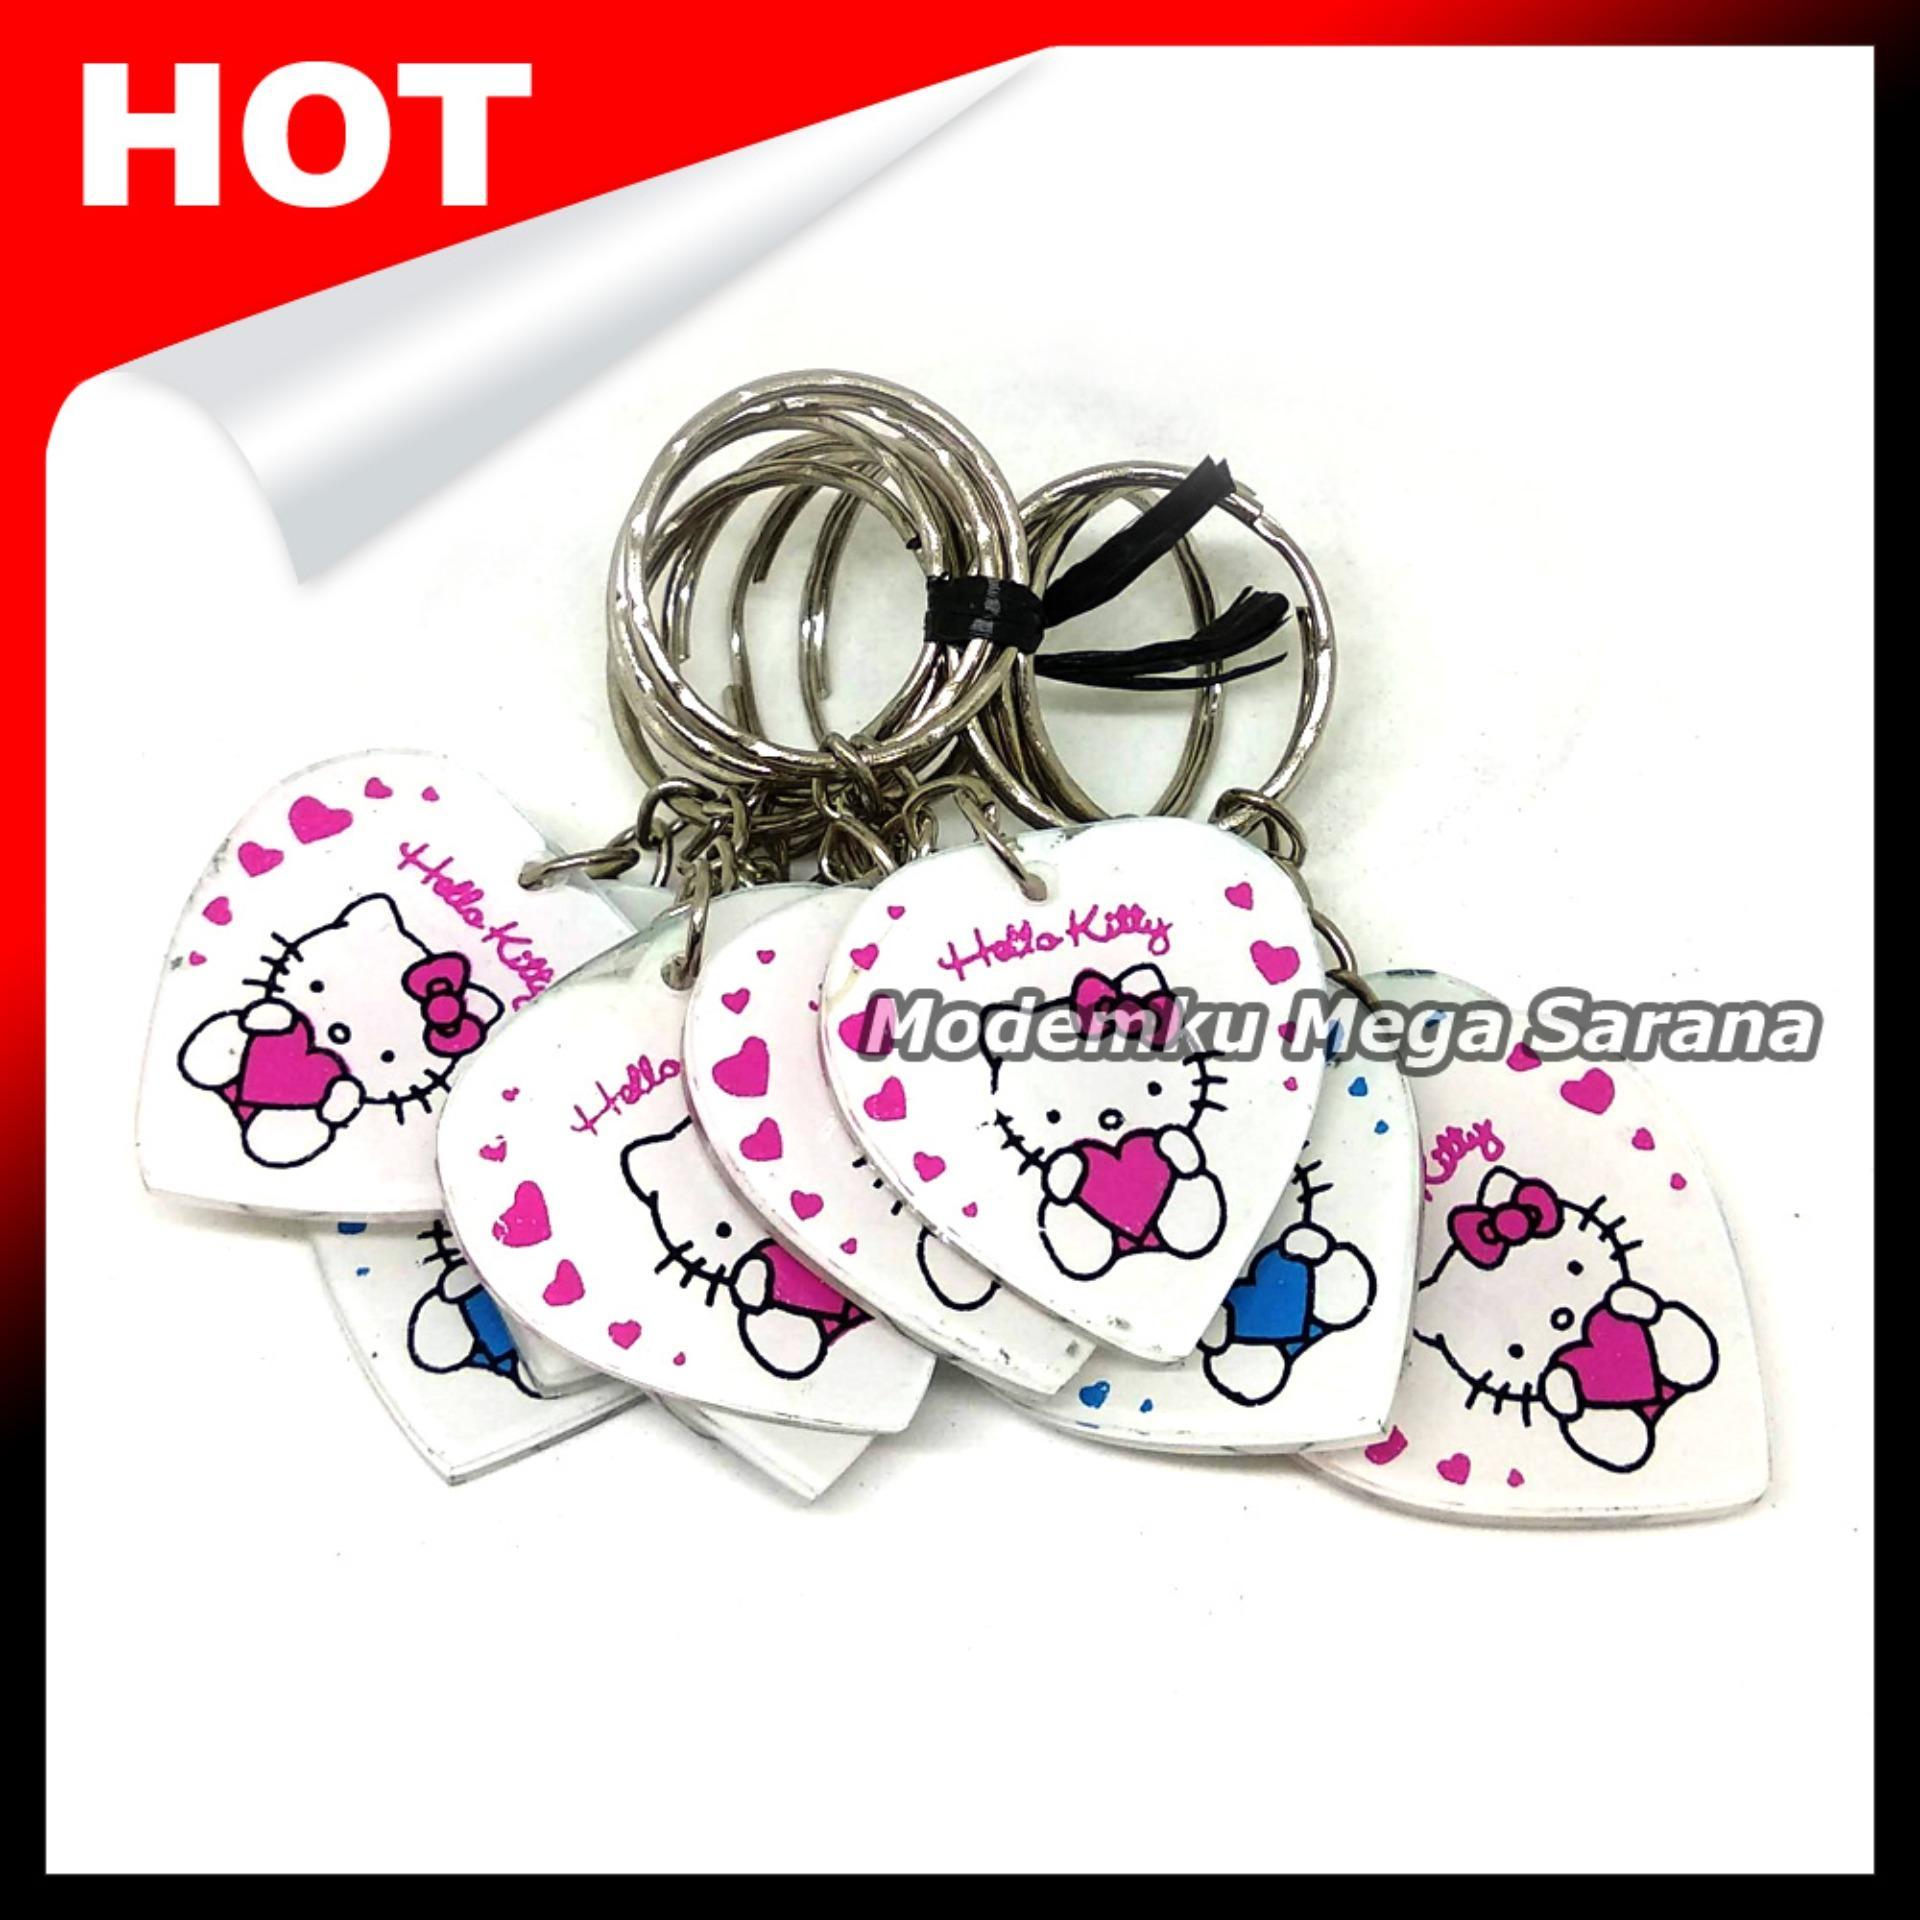 Souvenir Gantungan Kunci Hello Kitty MRT26 - Oleh Oleh Khas Jogja - 20pcs